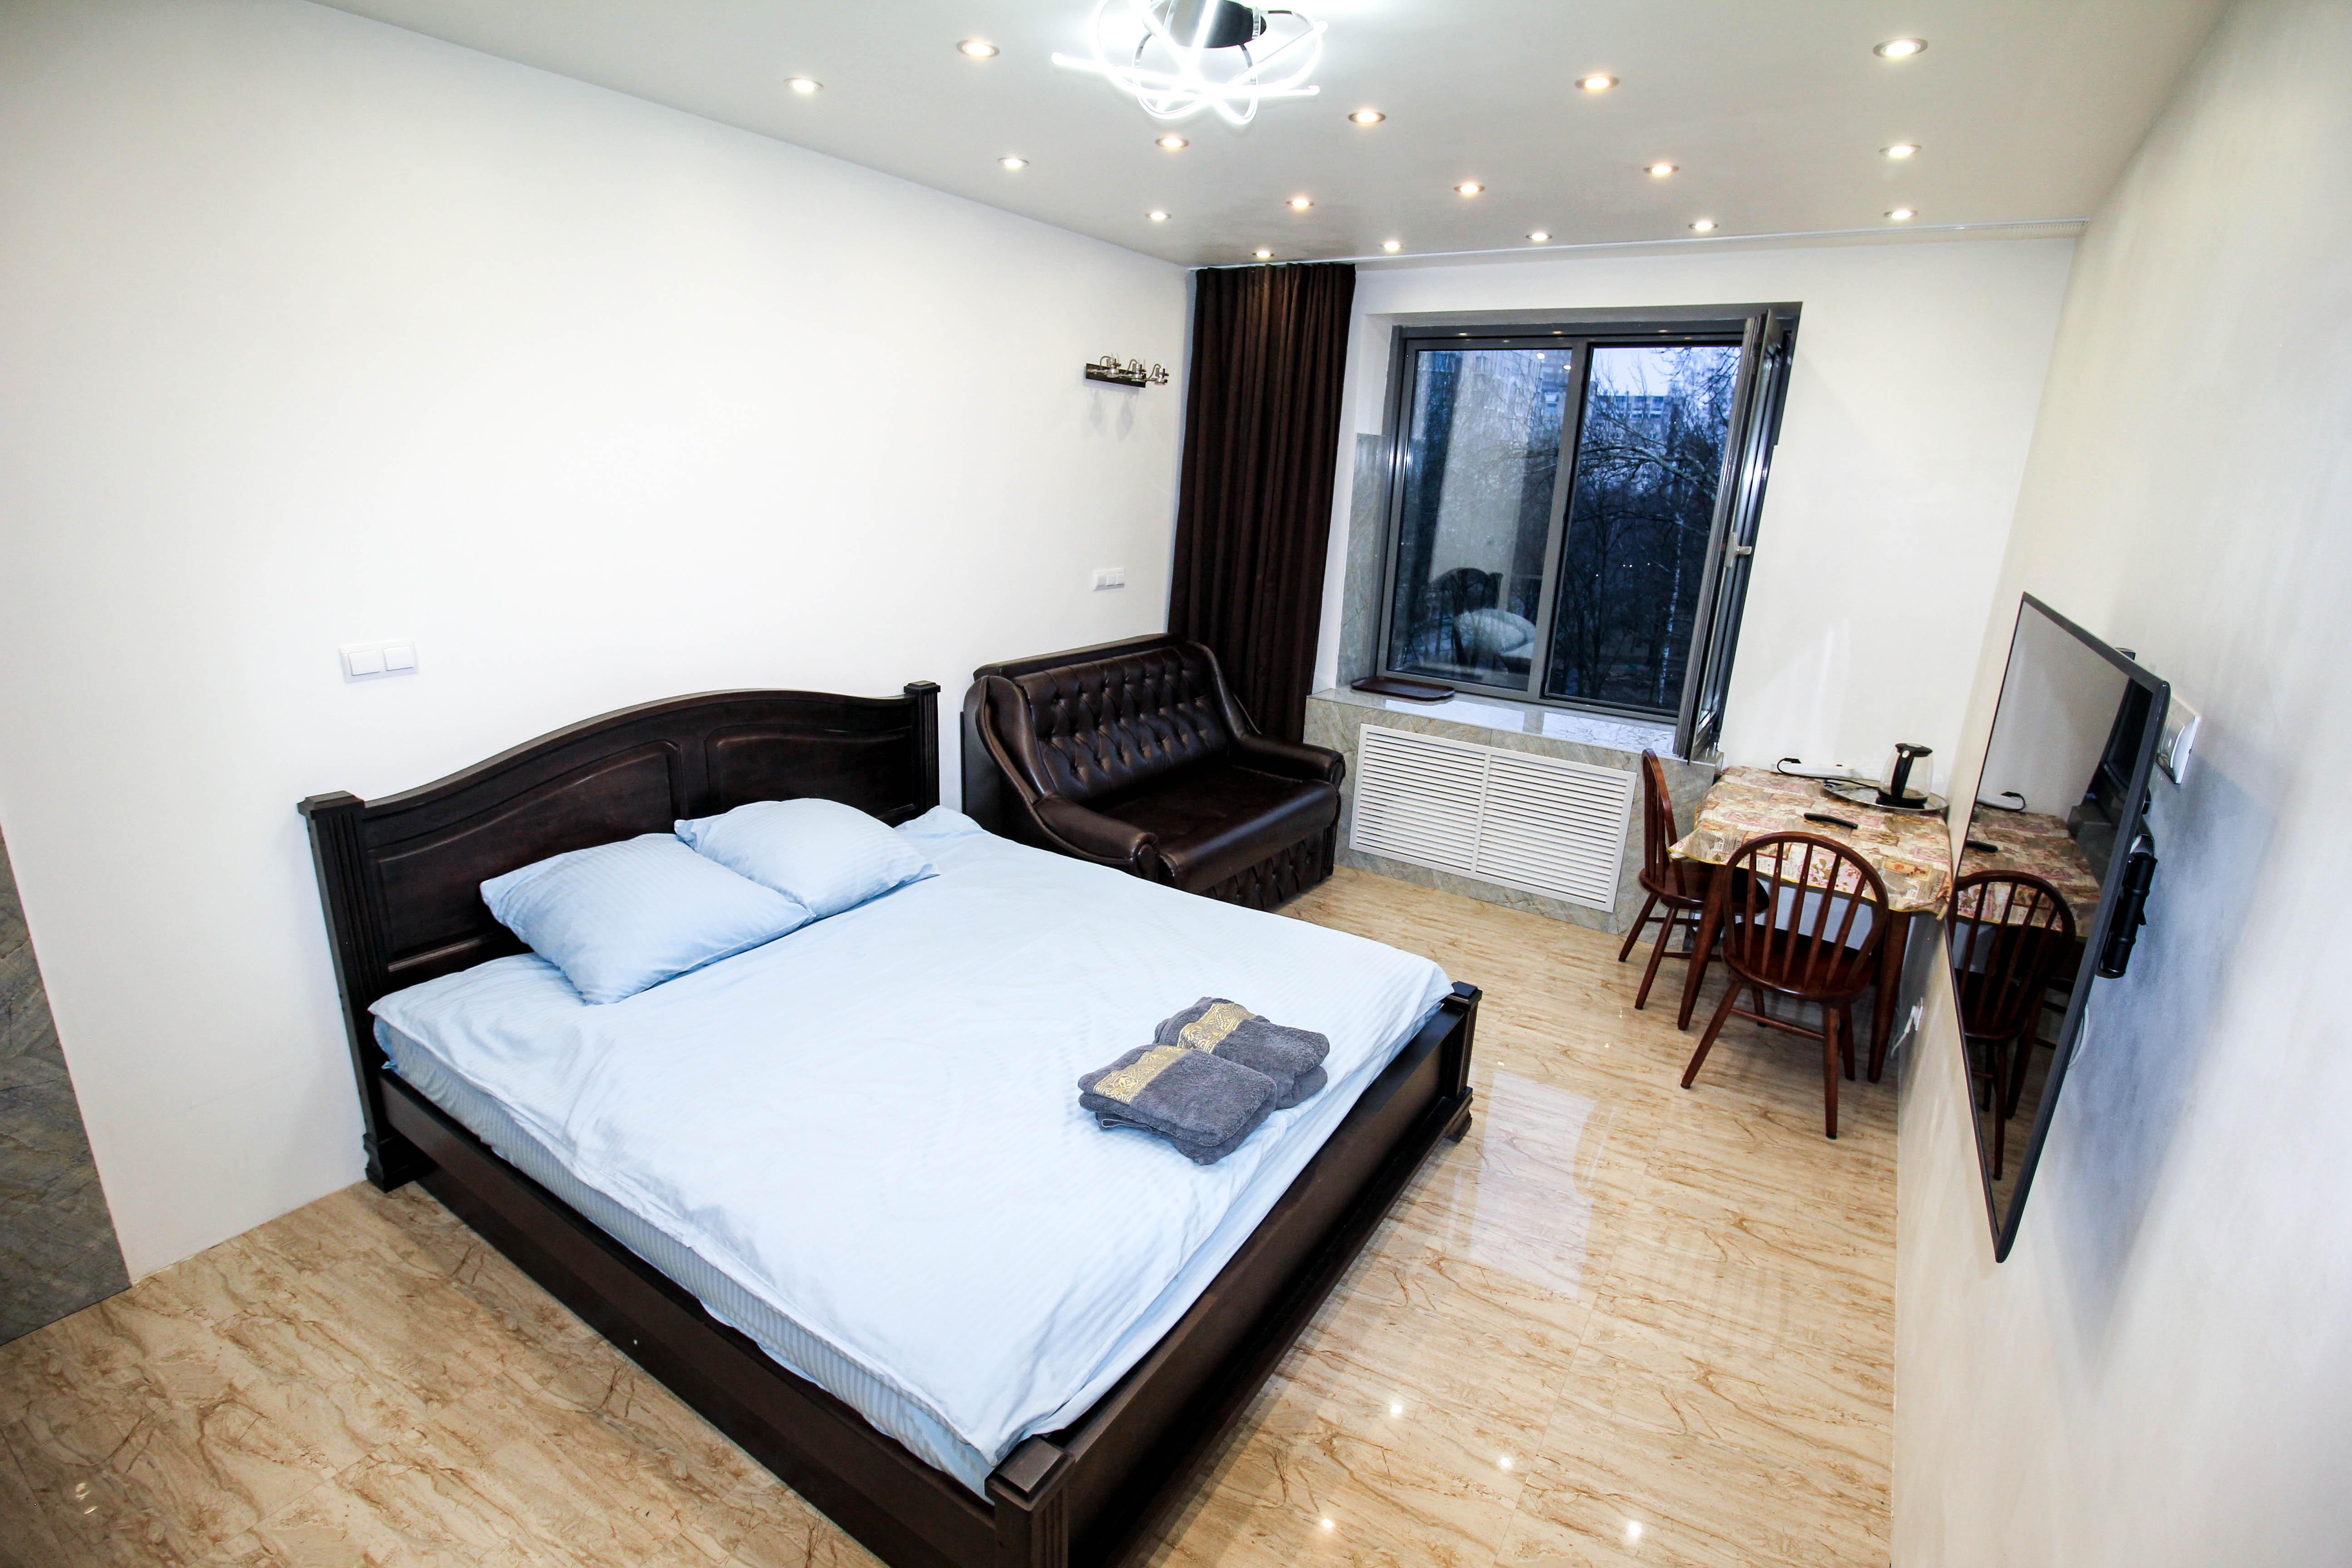 6099 Елагин апарт отель гостиница санкт-